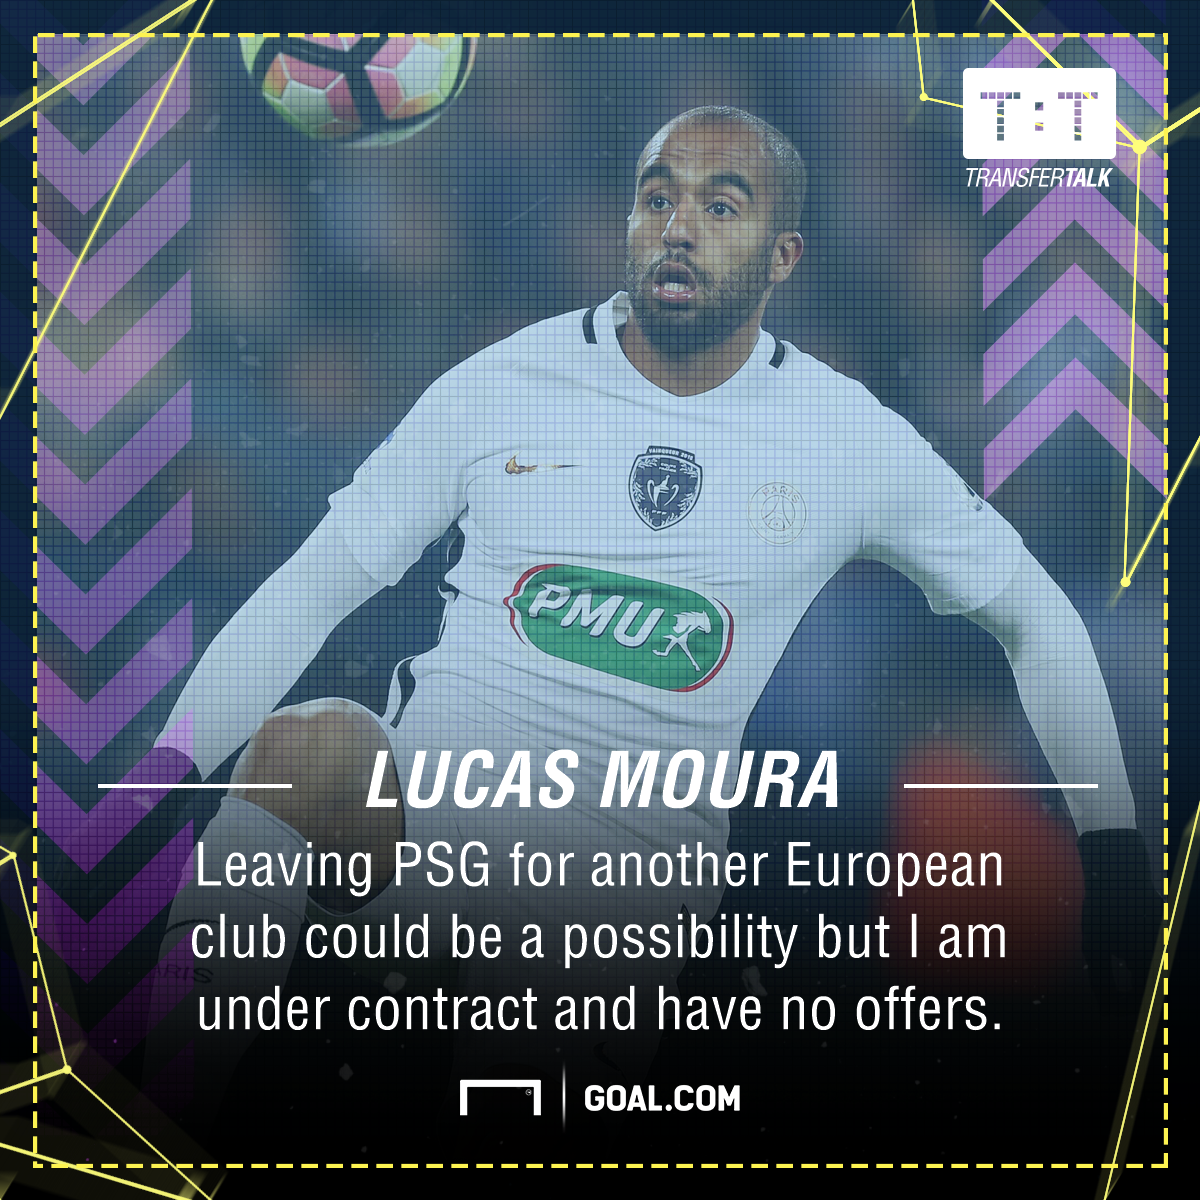 Lucas Moura PSG transfer